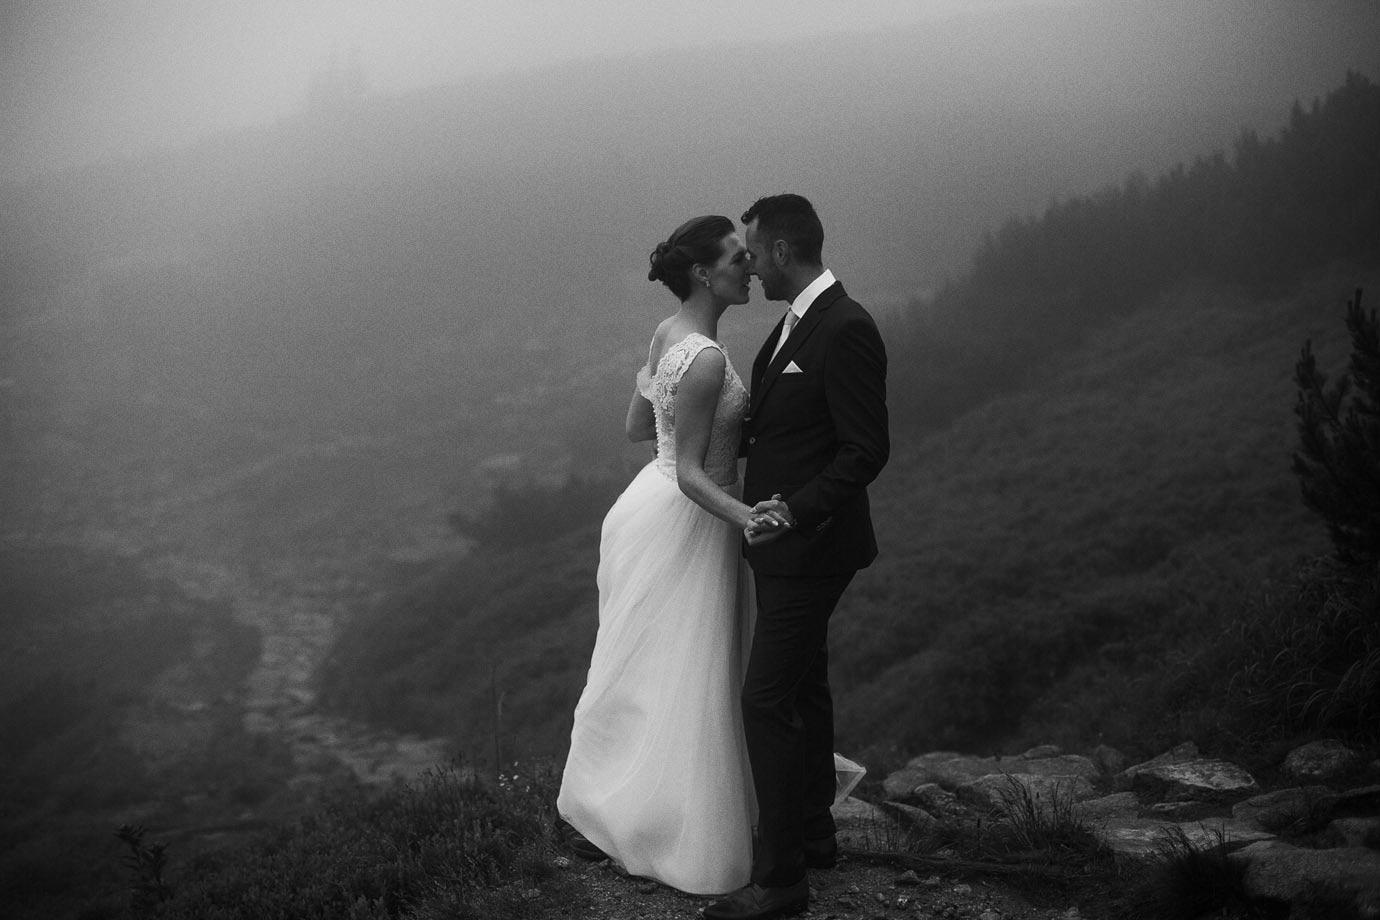 sesja ślubna podczas mgły